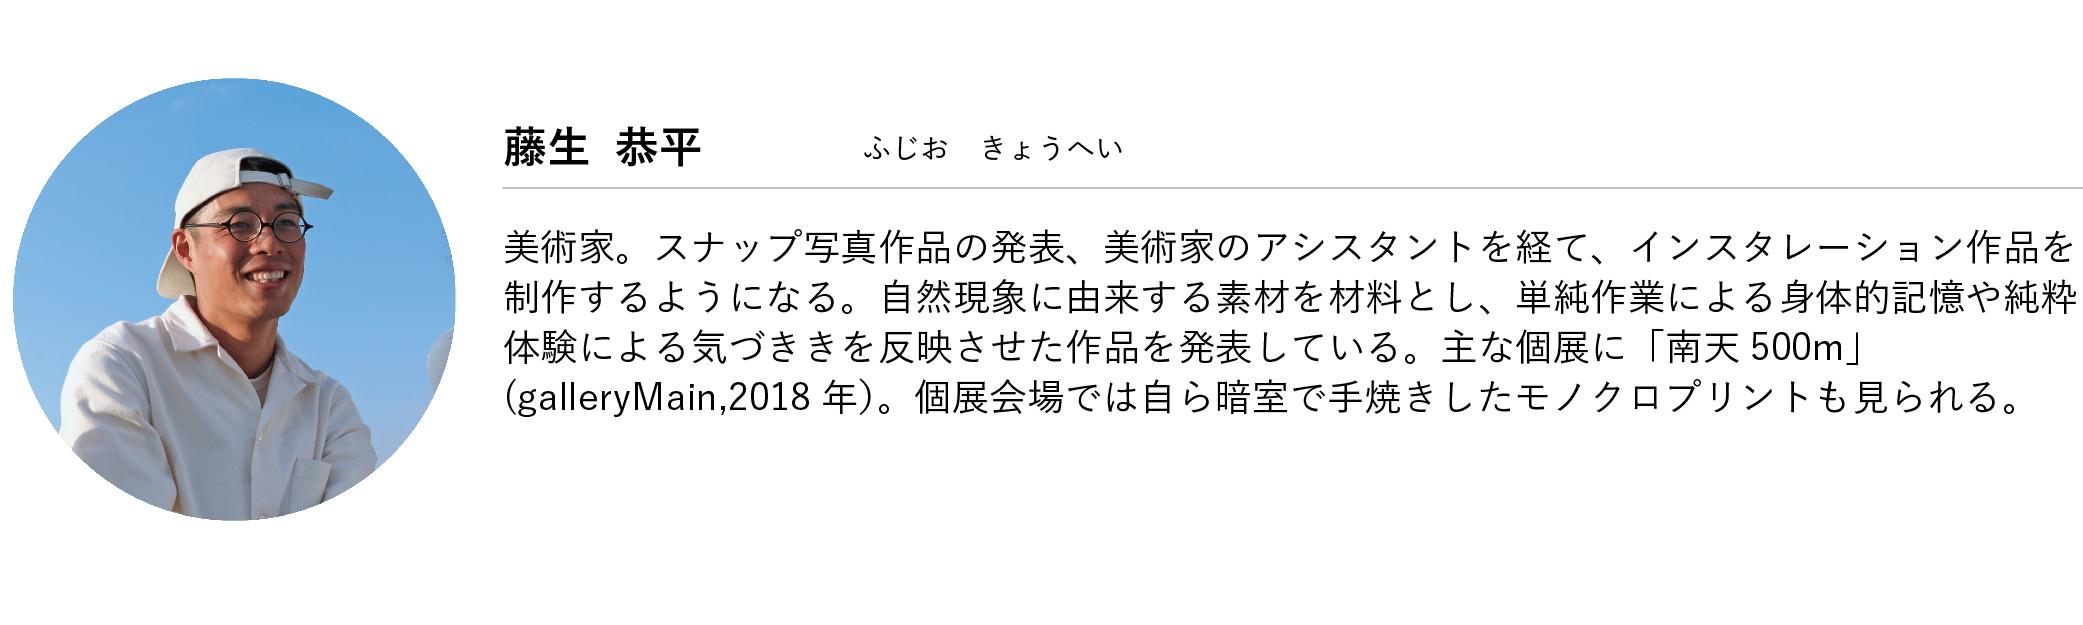 https://naot.jp/wp-content/uploads/2019/05/PROFILEp-01.jpg